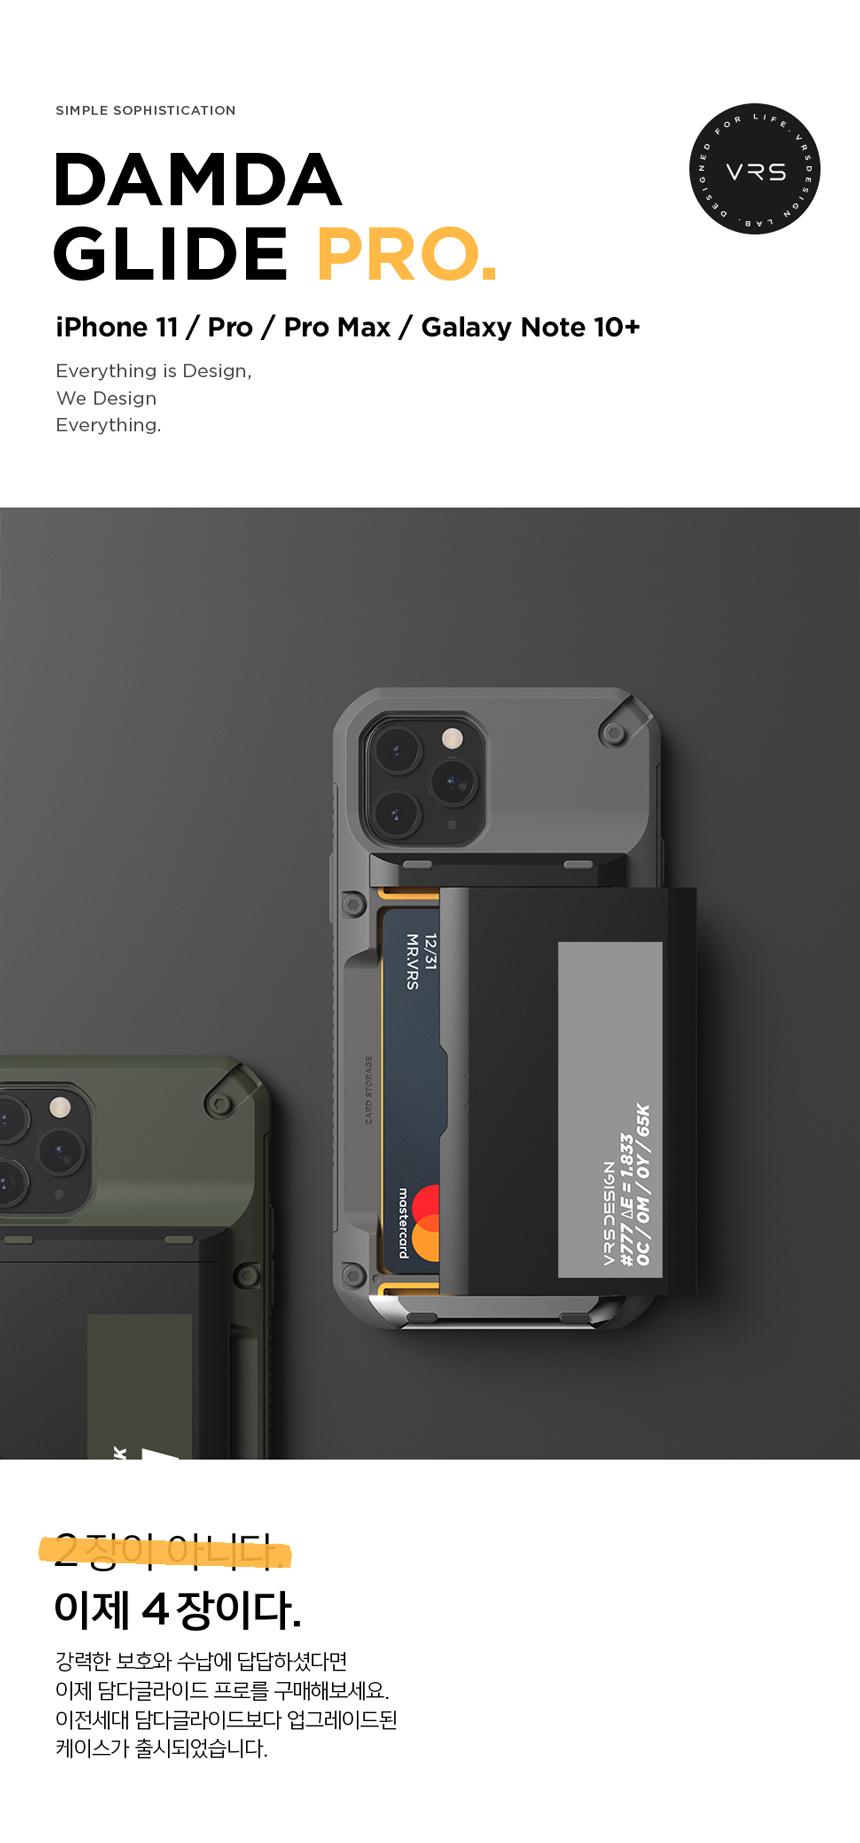 베루스(VRS DESIGN) 아이폰11/프로/맥스/ 갤럭시노트10플러스 담다글라이드프로 케이스